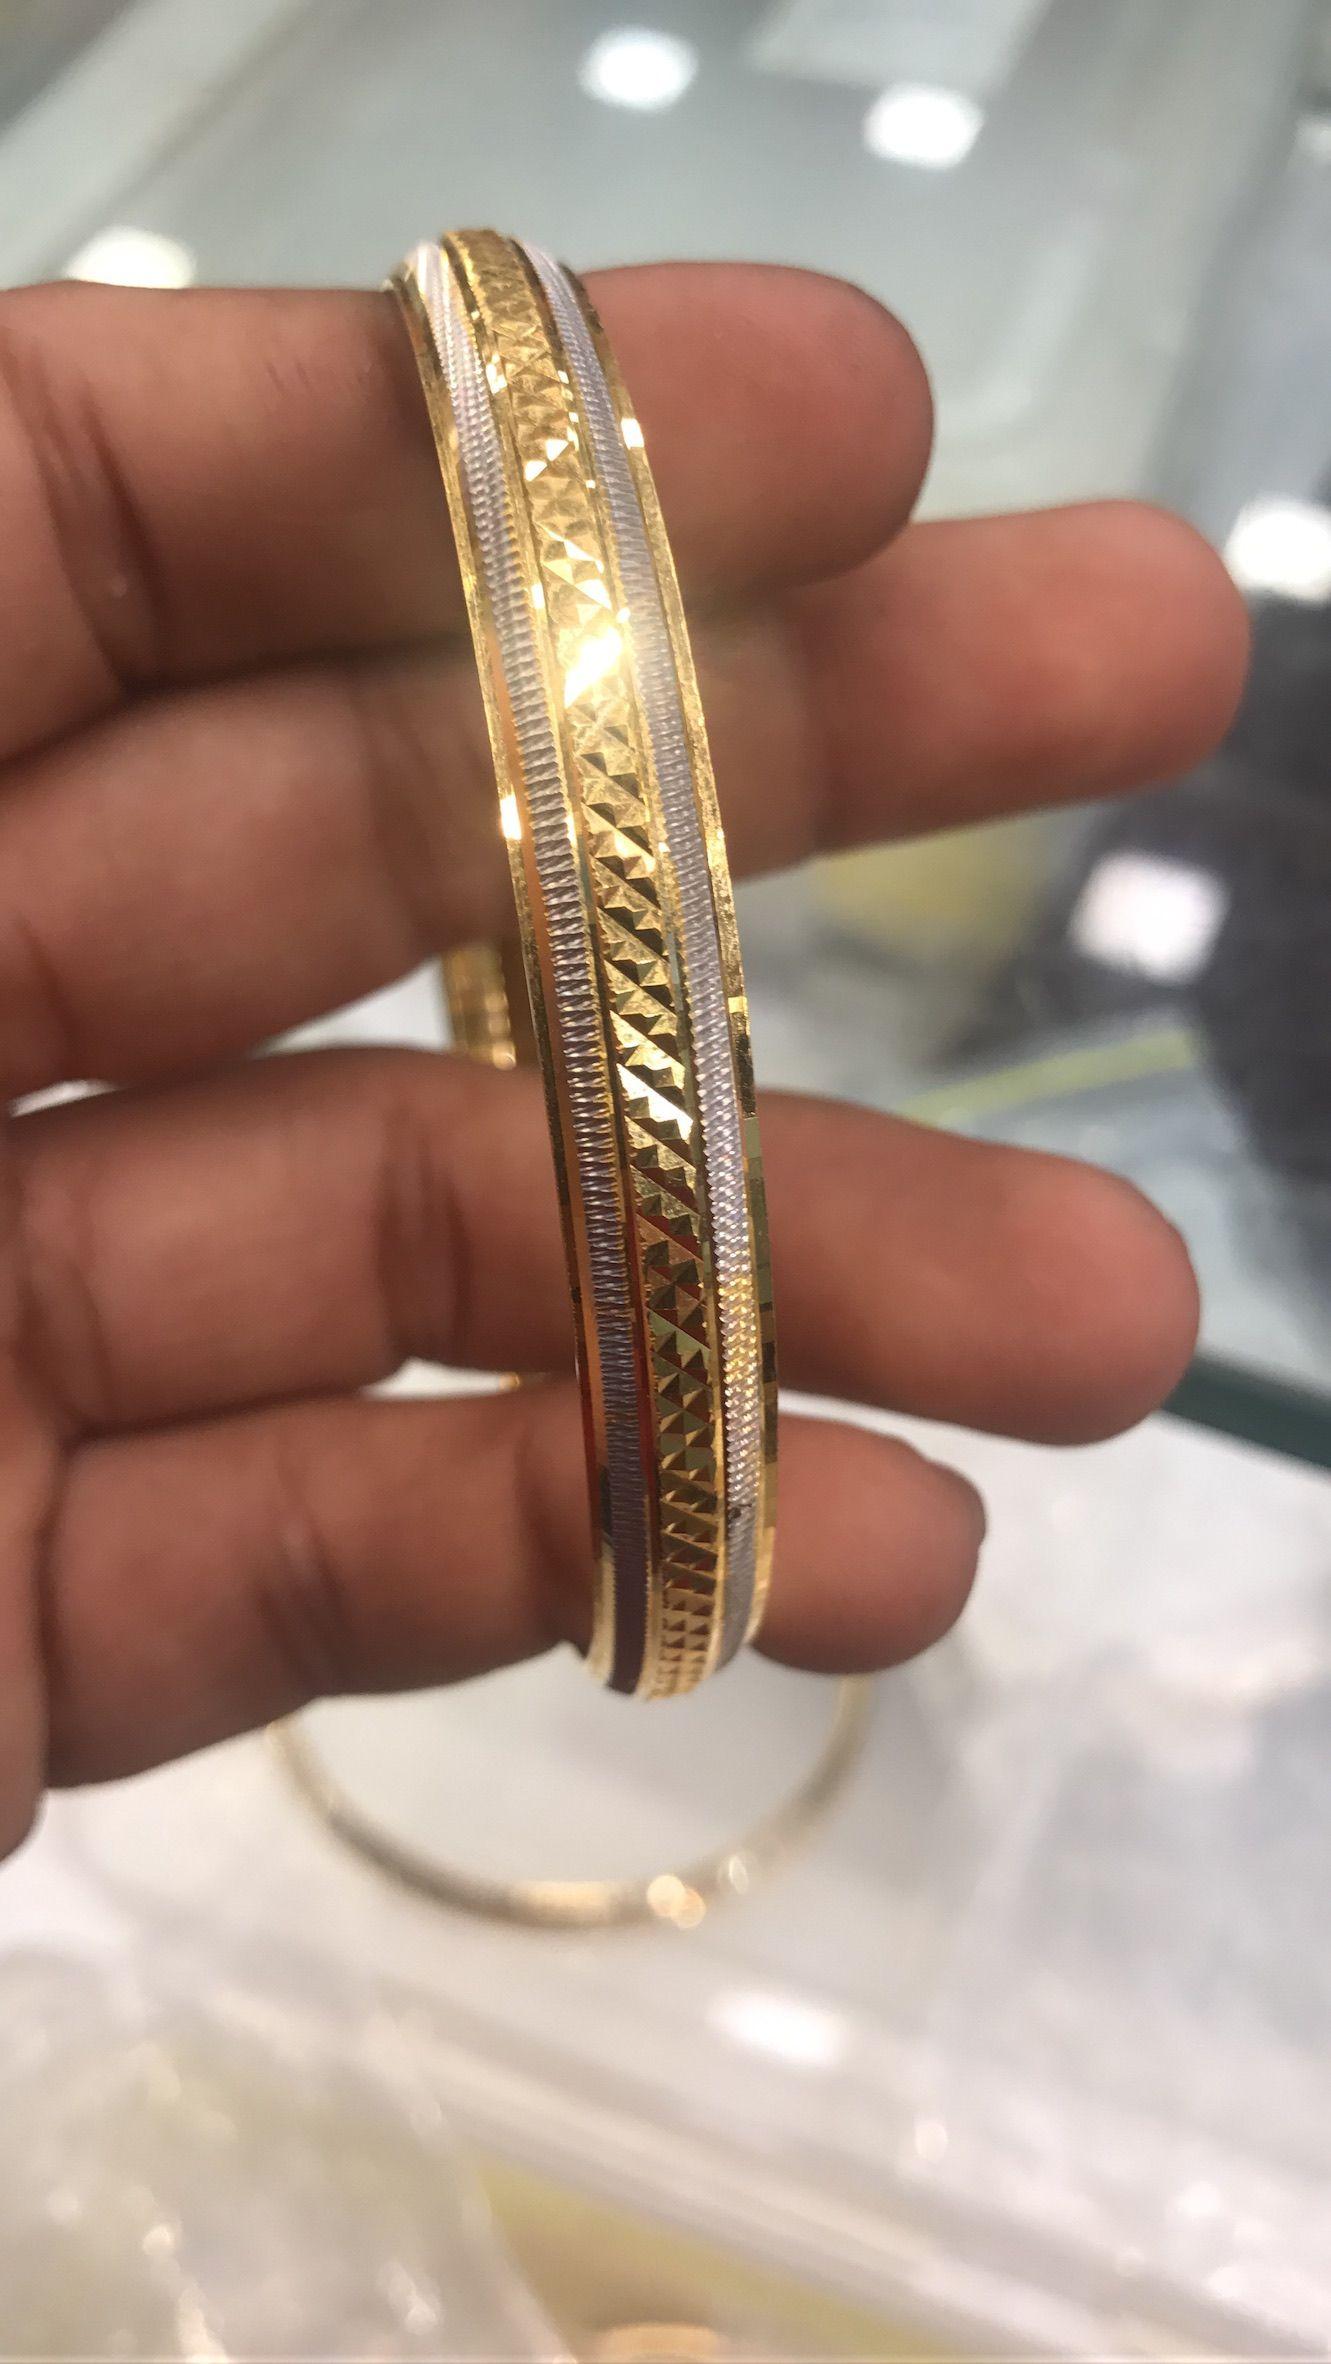 Kada Sardar Premraj Shantilal Jain Jewellers Premraj Shantilal